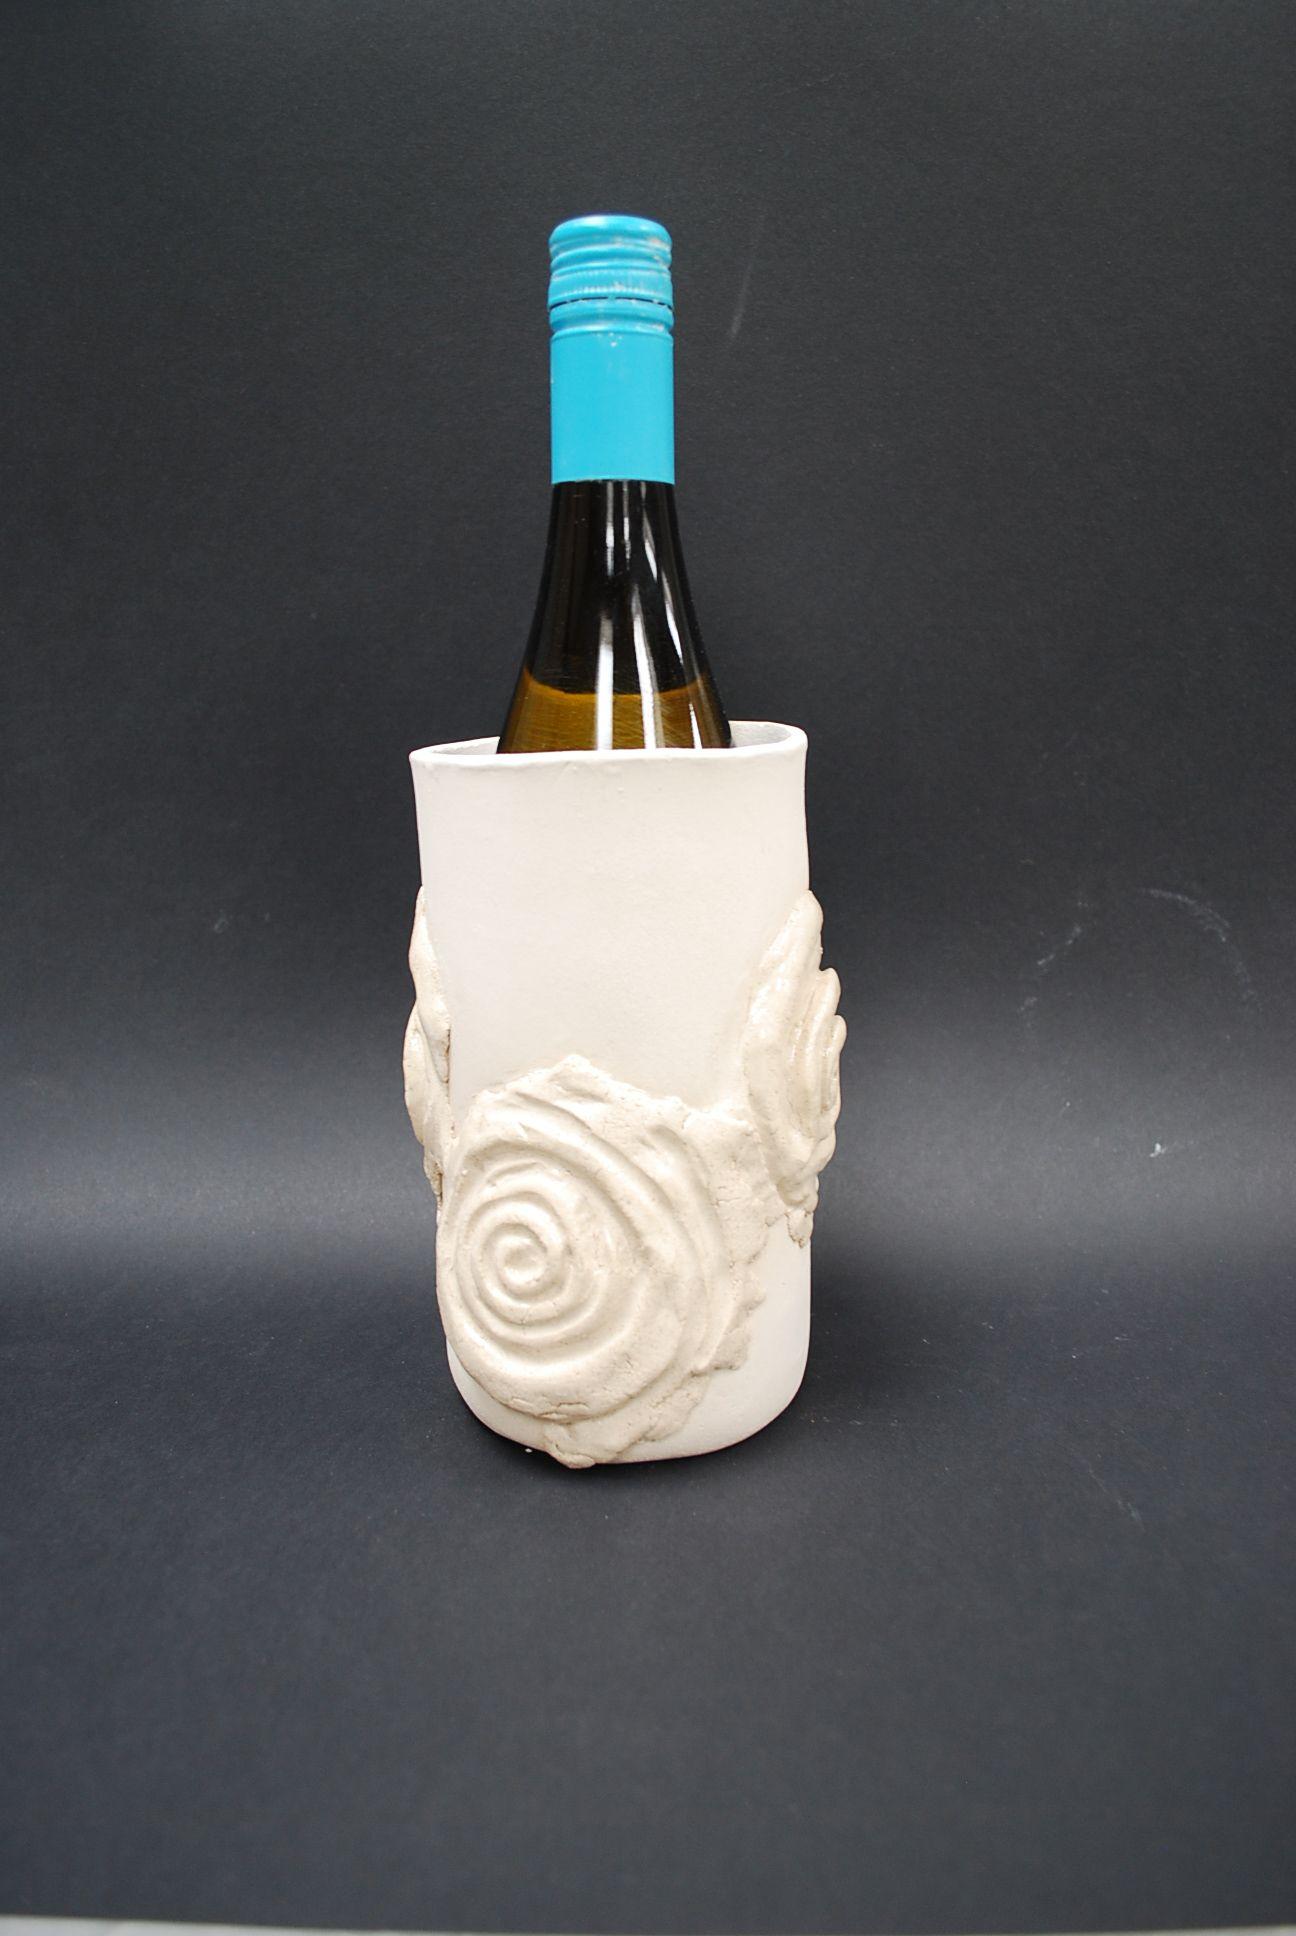 Wijnkoeler Met Licht : Wijnkoeler wijnkoelers wijnkoeler wijnkoelers en